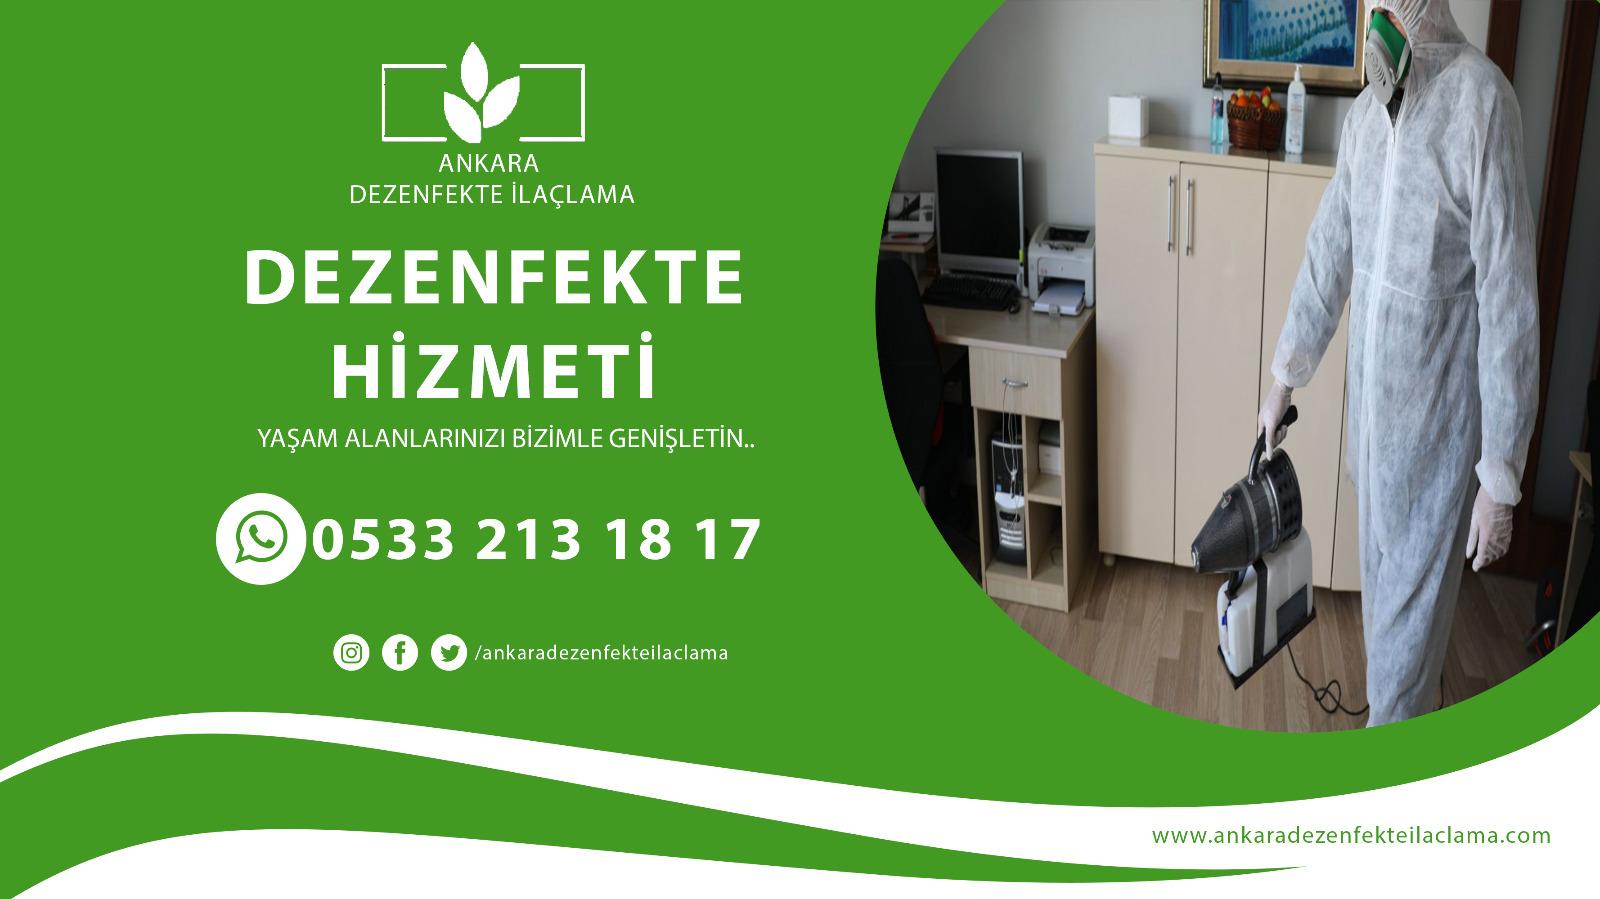 Ankara Dezenfekte İ